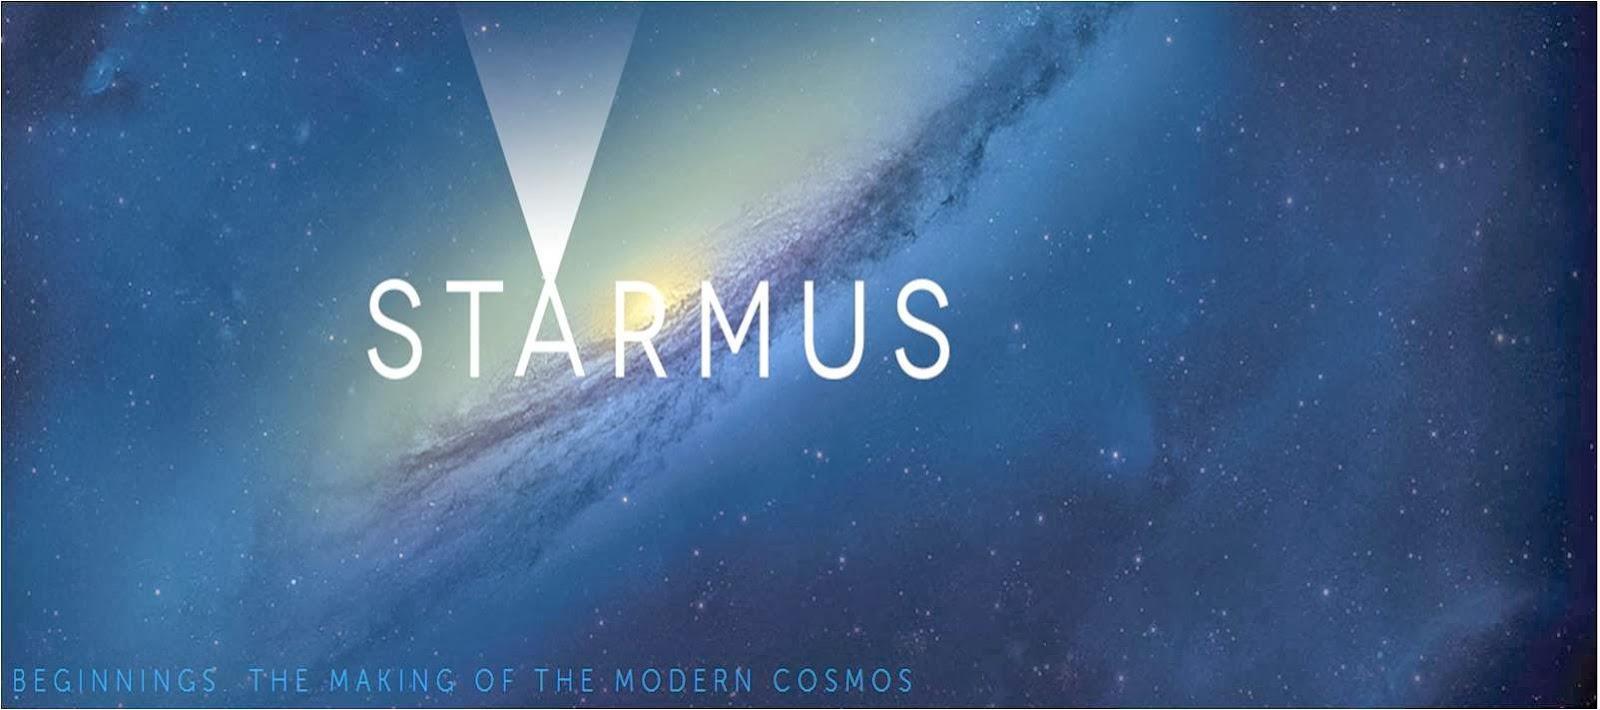 STARMUS, otra oportunidad perdida por Felipe Díaz